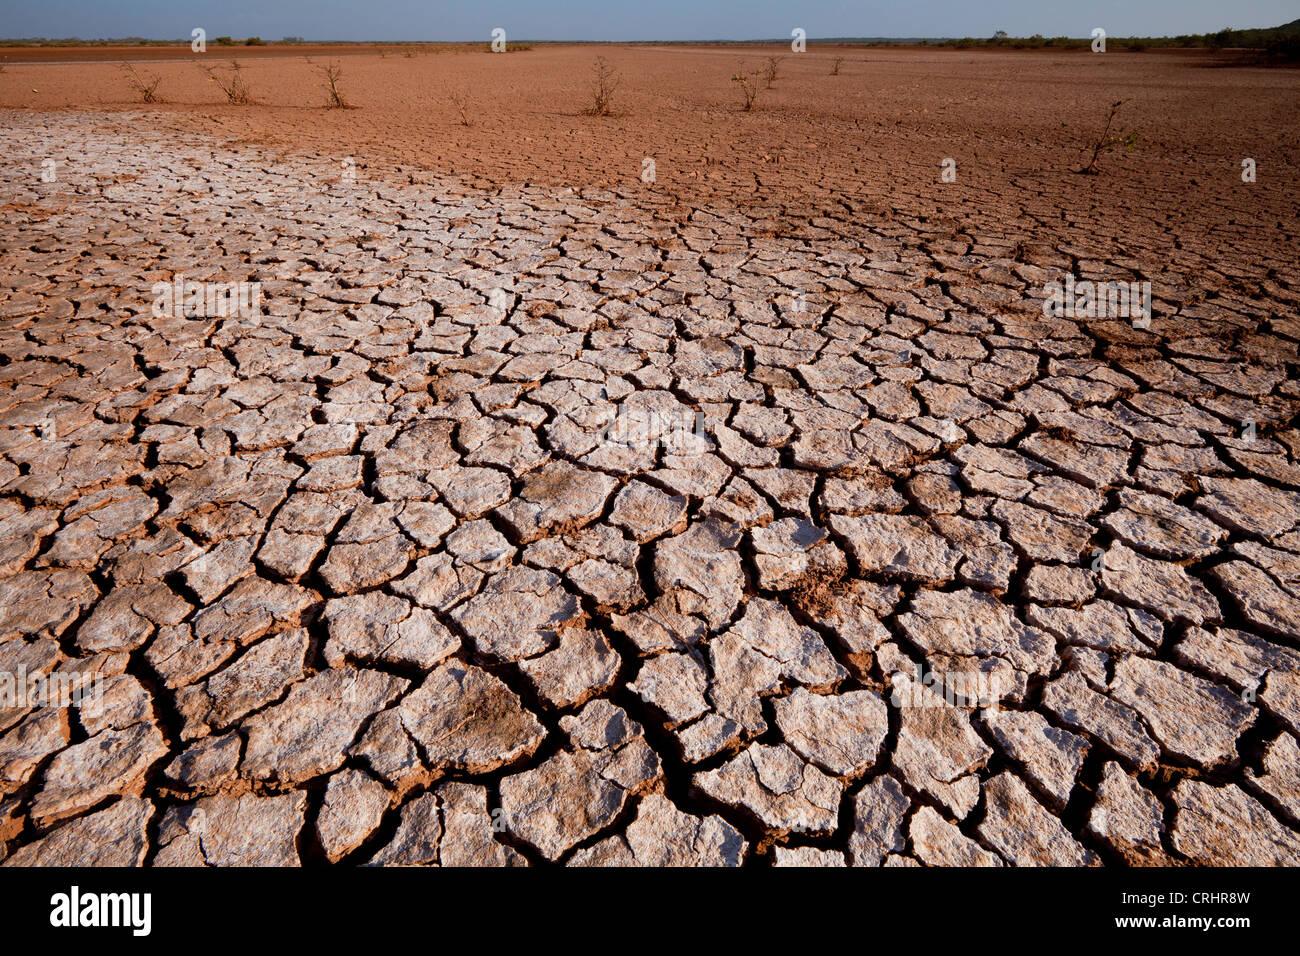 Suolo incrinato in Sarigua national park (deserto), nella provincia di Herrera, Repubblica di Panama. Immagini Stock